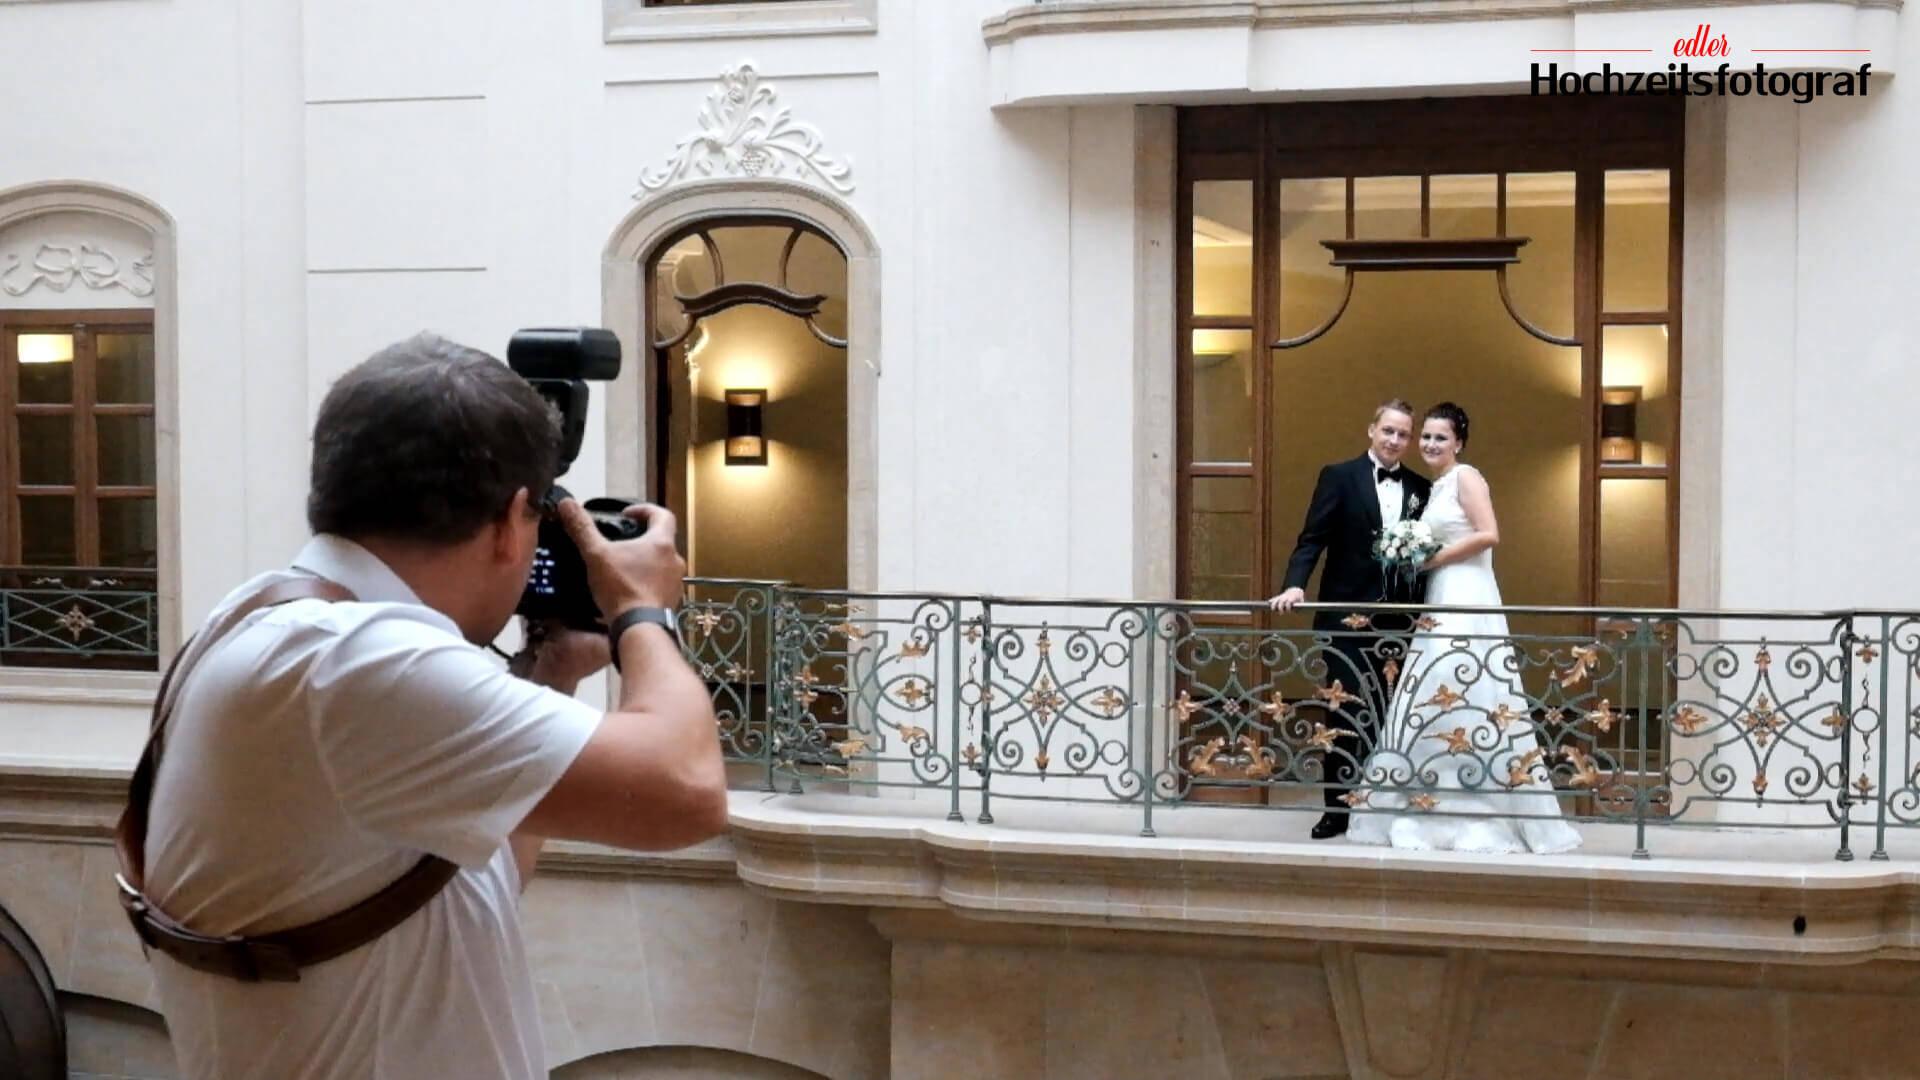 making of - edler hochzeitsfotograf beim fotografieren einer Hochzeit